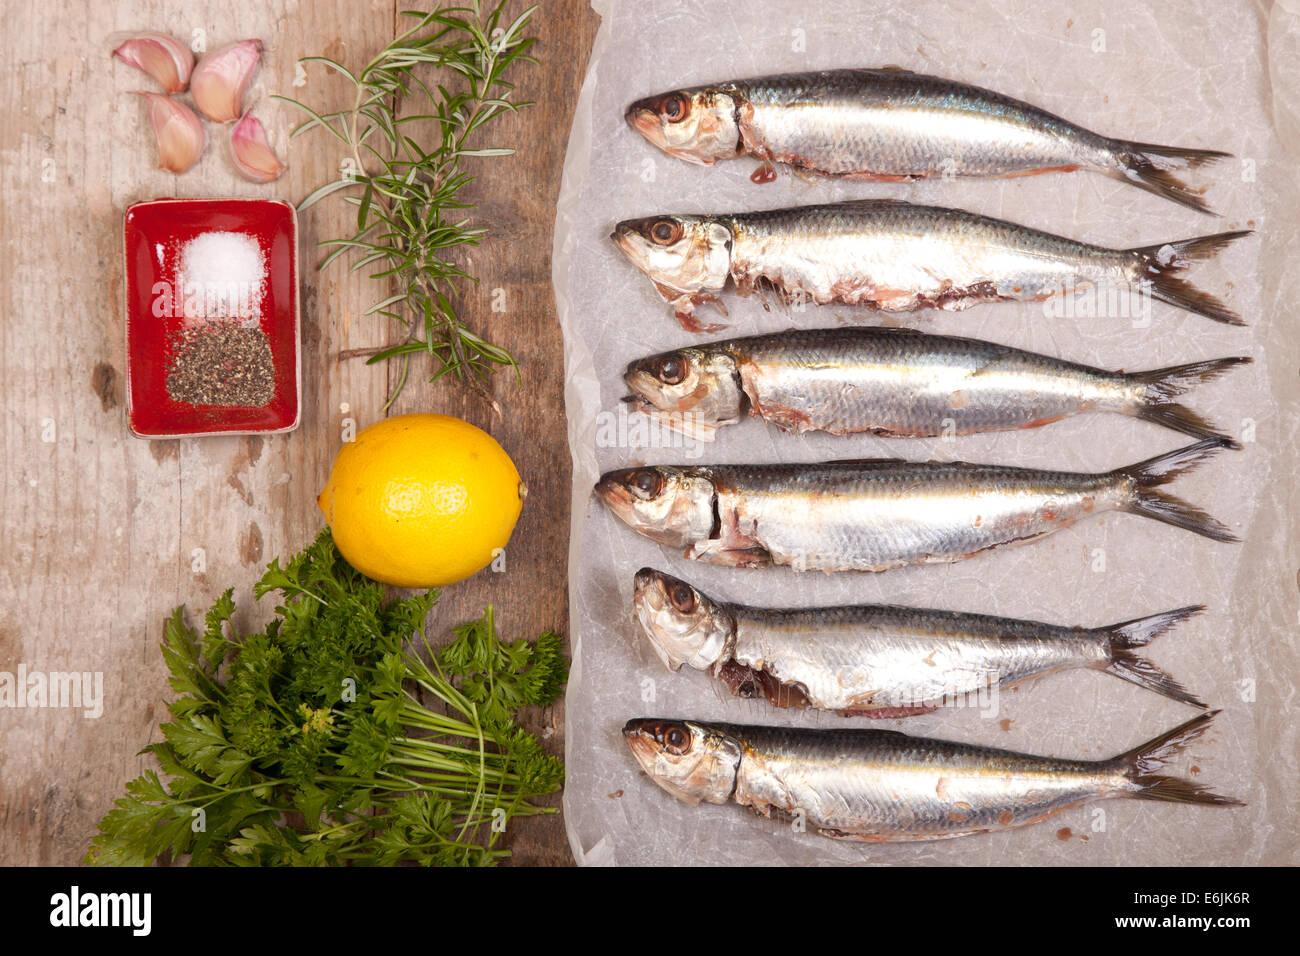 Les sardines fraîches avec des ingrédients de cuisine Photo Stock